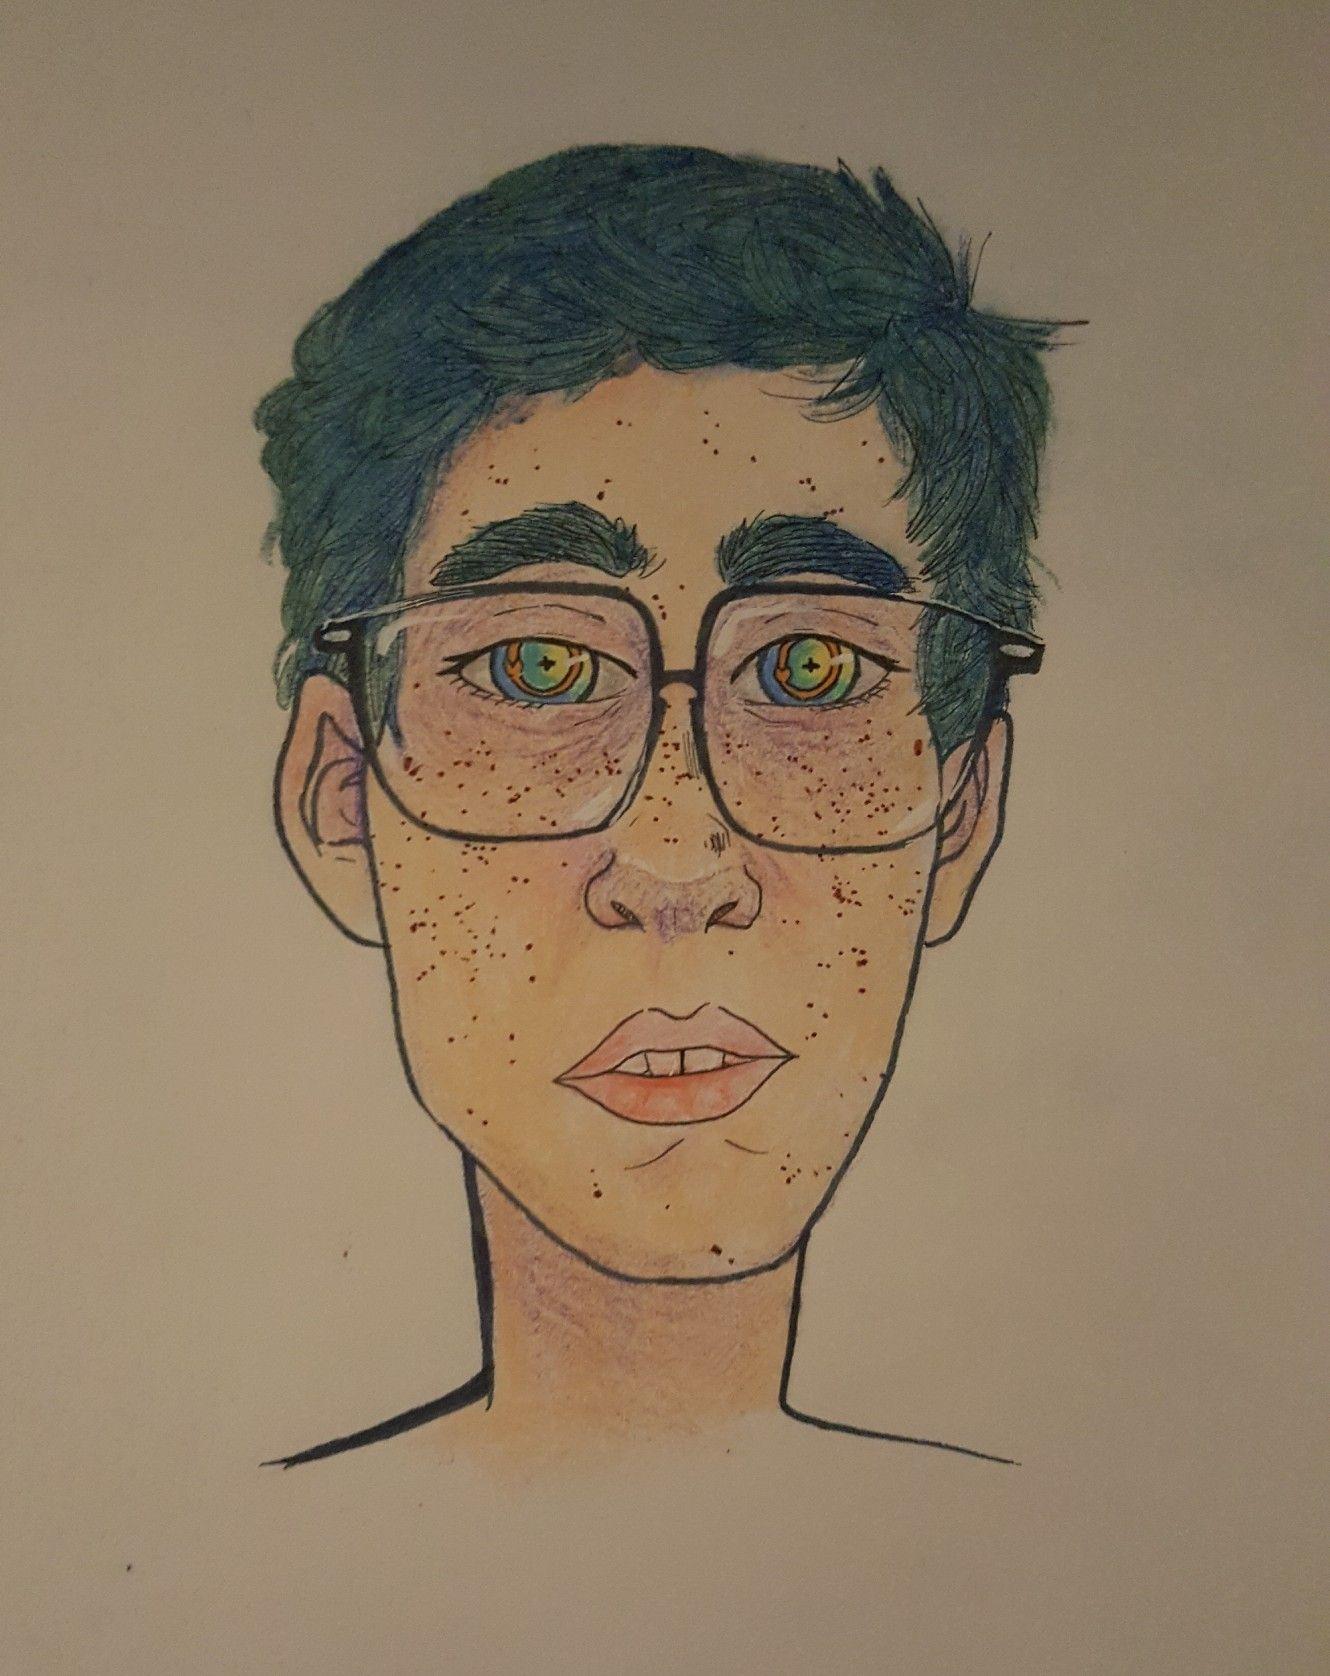 WIP self portrait by mintyking07 on Instagram   My Drawsss